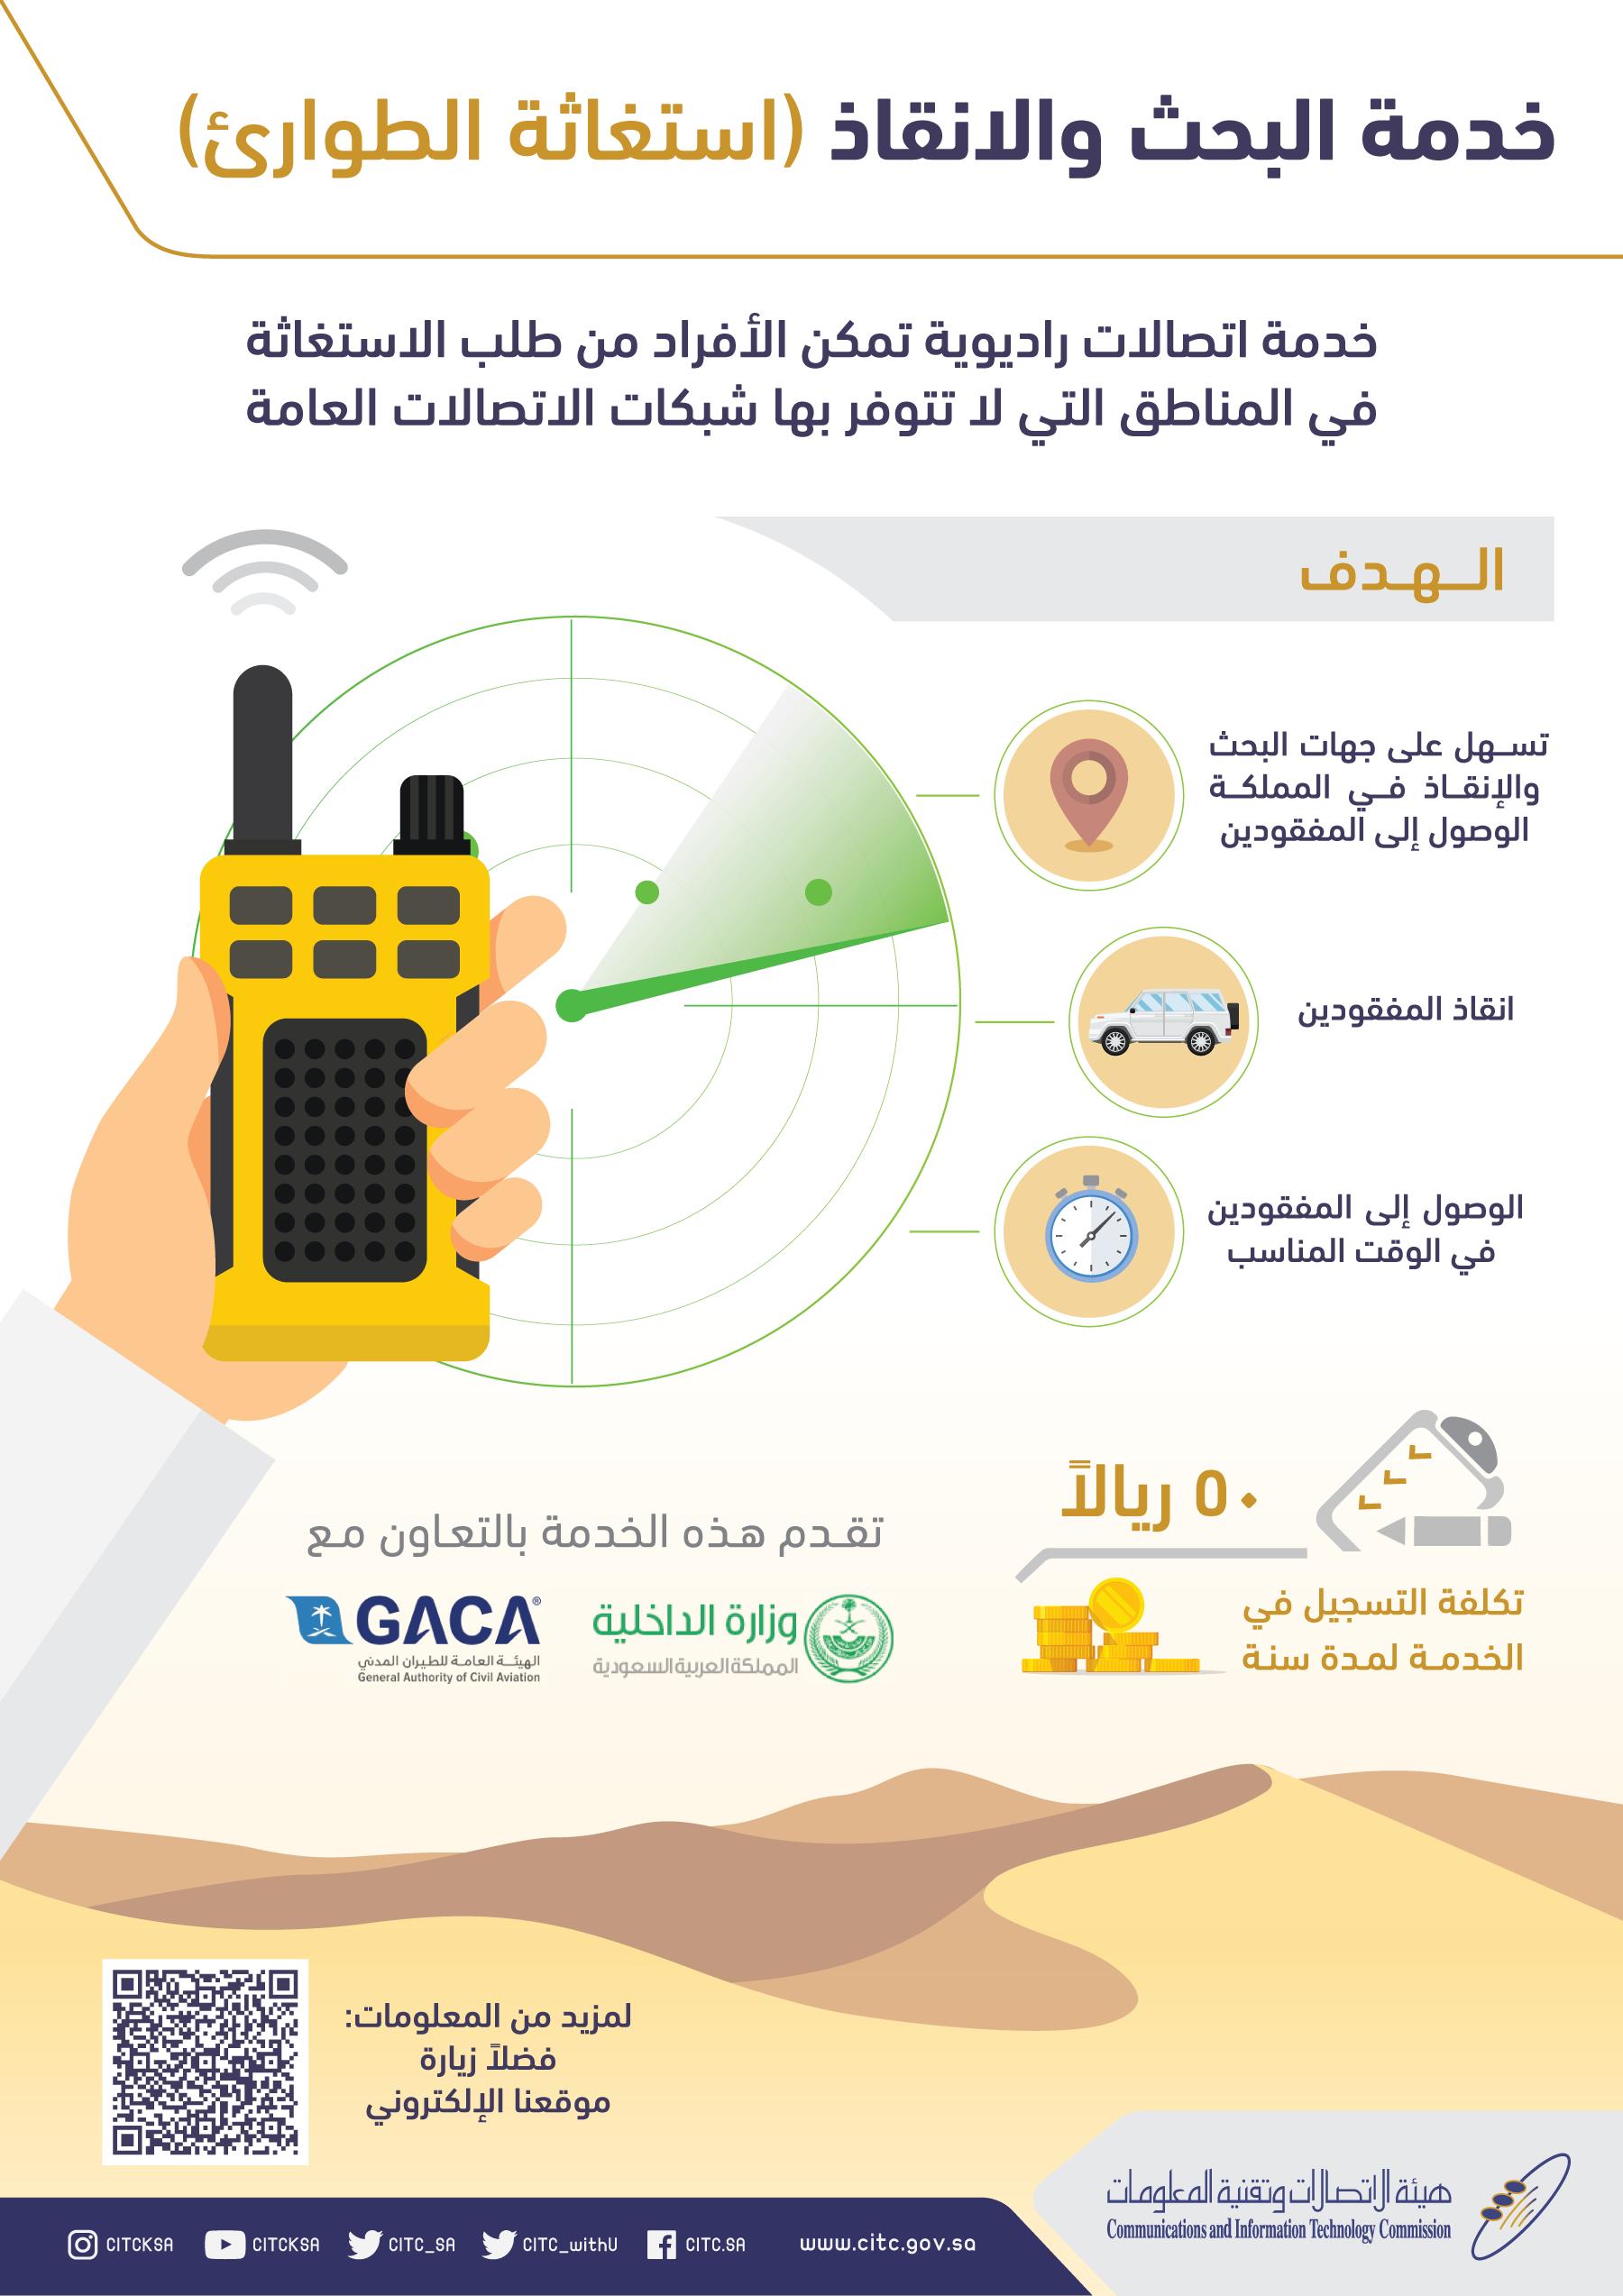 خدمة البحث والانقاذ في السعودية